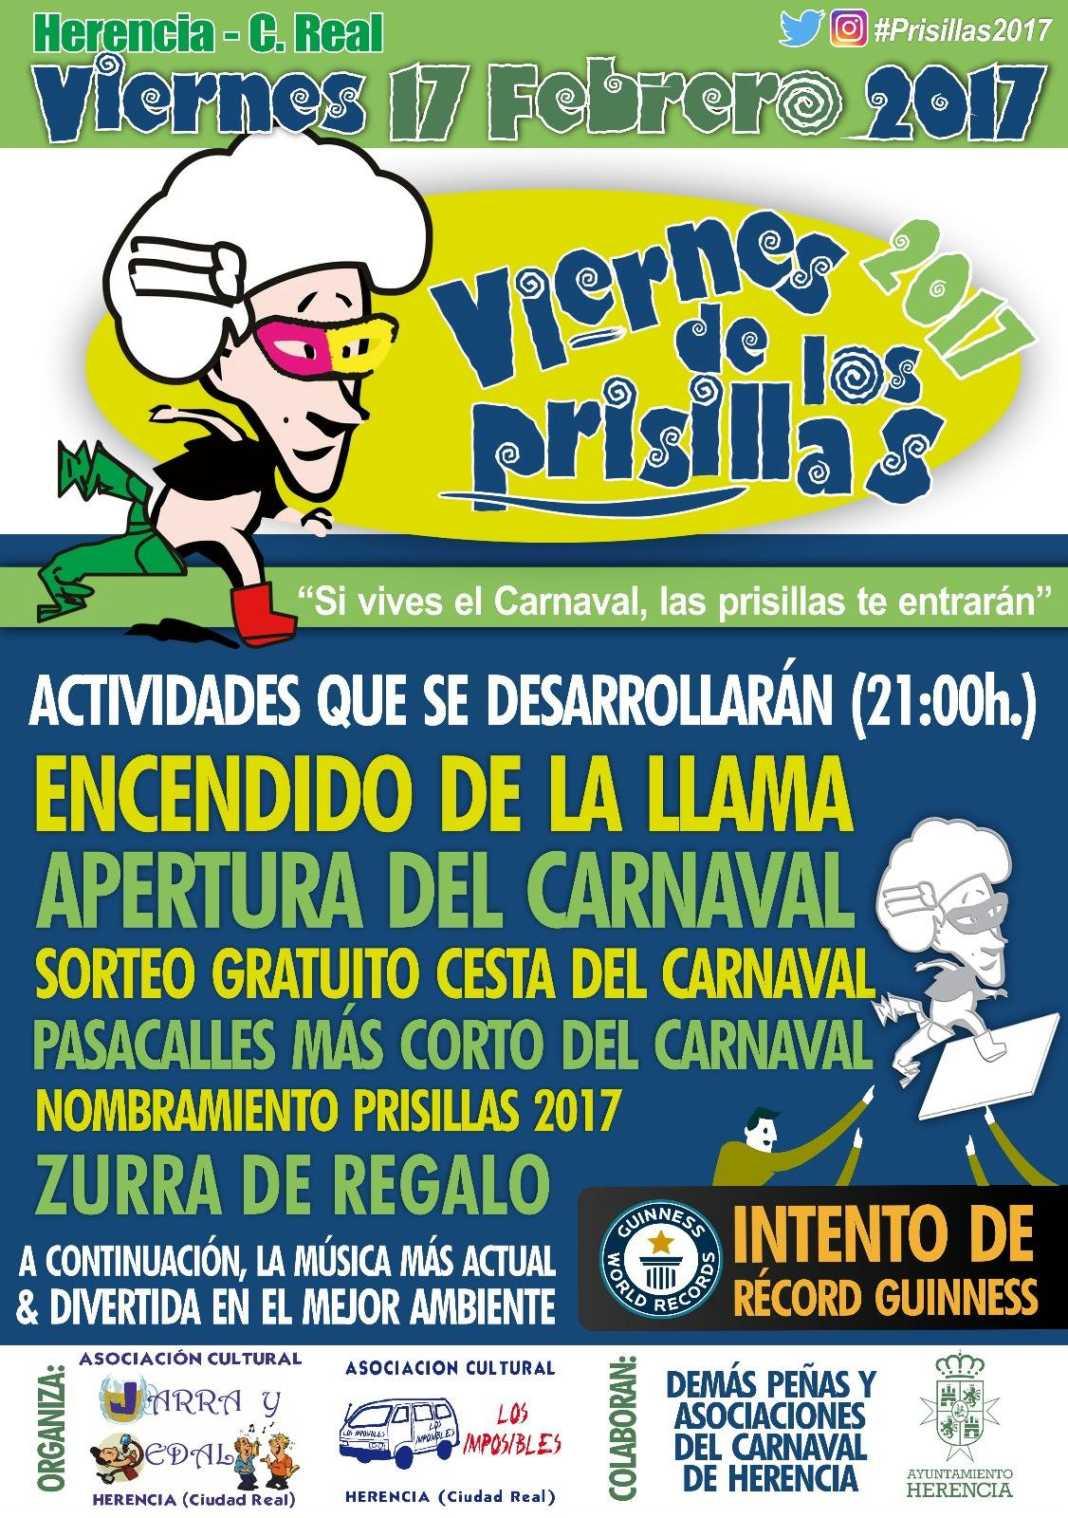 Abierta la votación para el Prisillas 2017 del Carnaval de Herencia 1